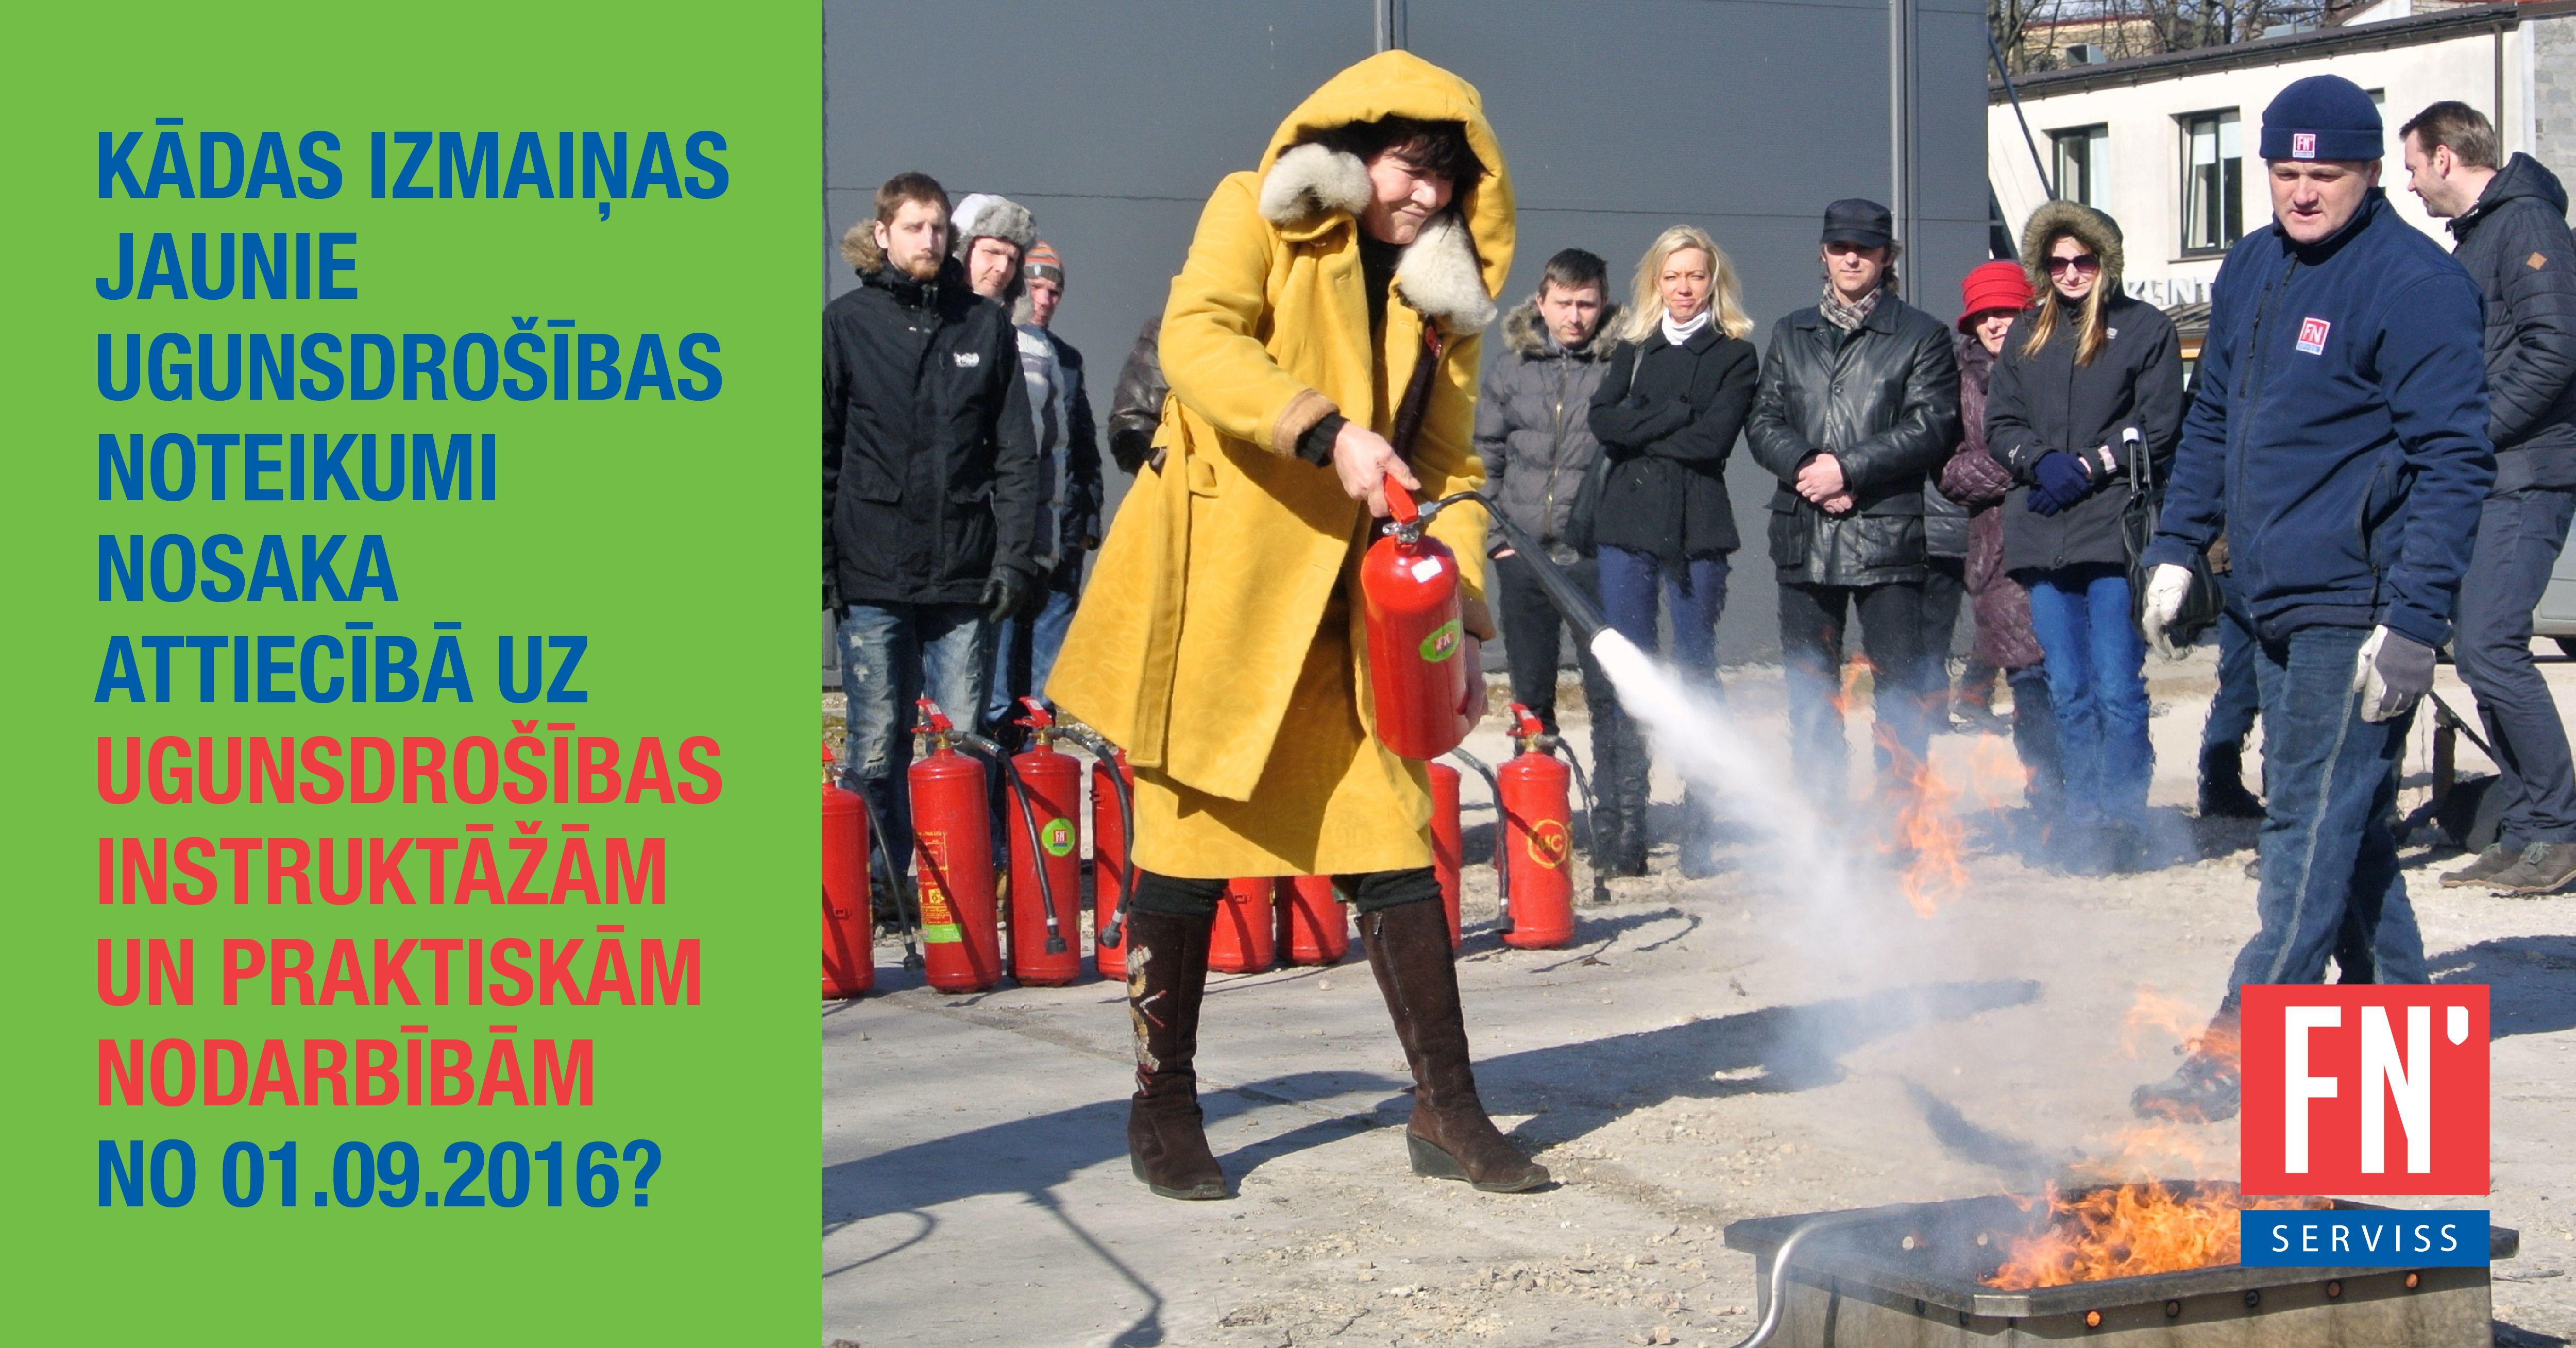 Lapa ugunsdrošības noteikumu prasības ugunsdrošības instruktāžām